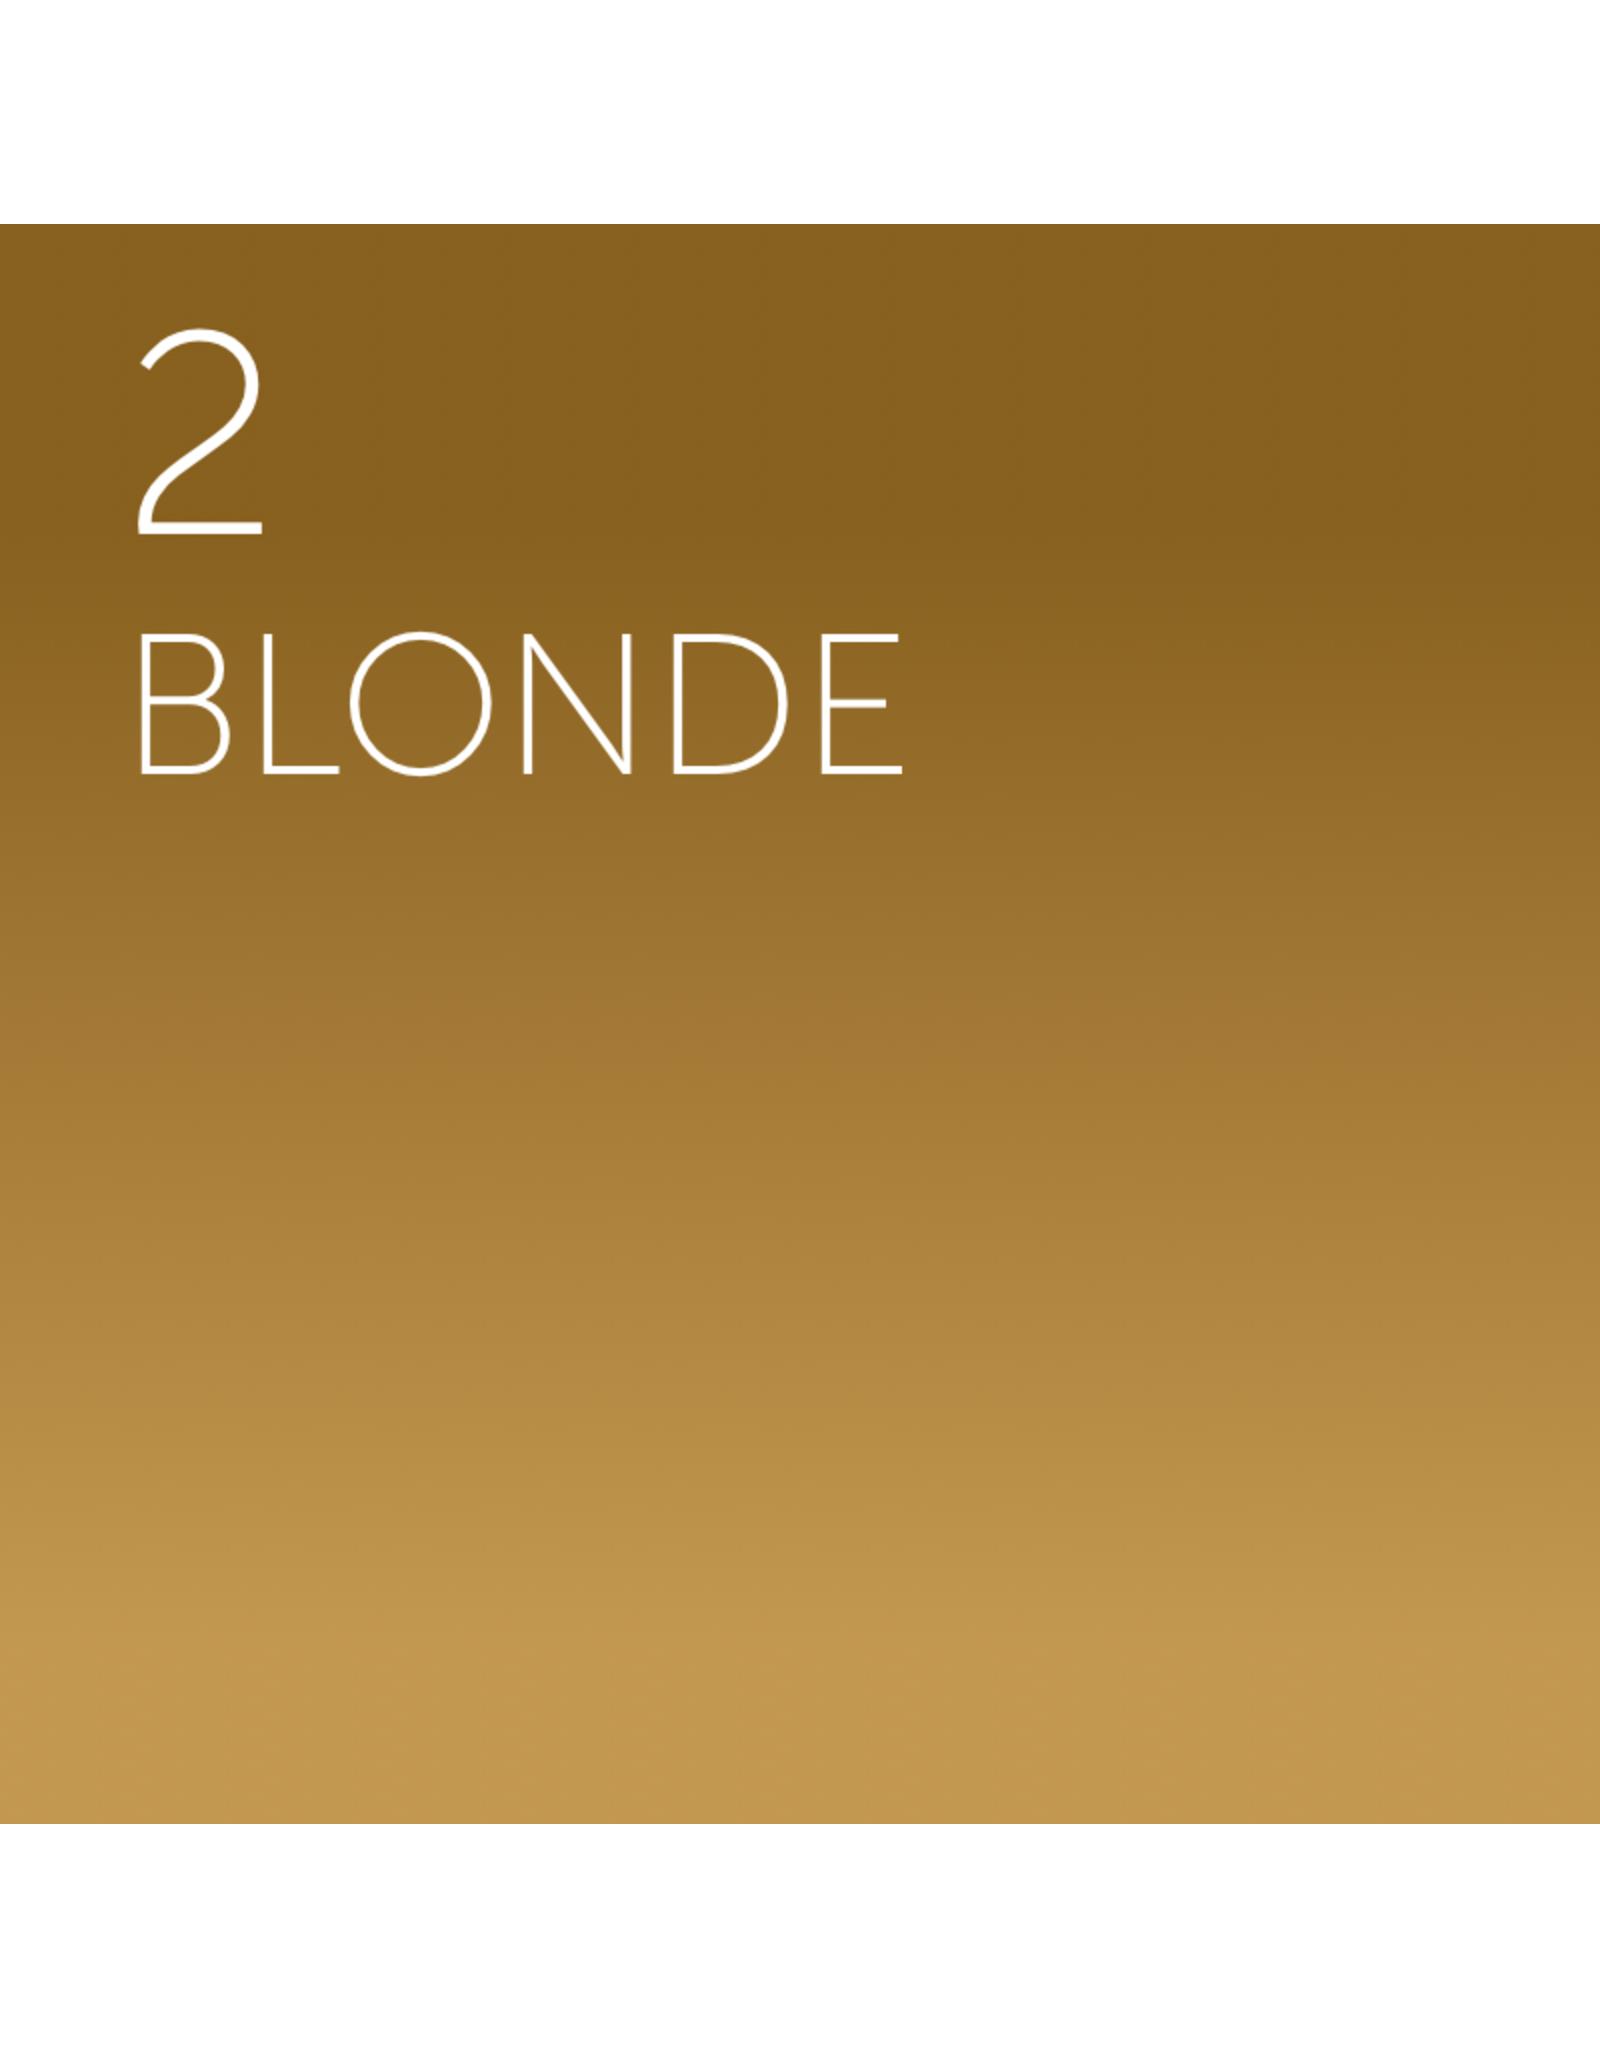 Perma Blend x Tina Davies Tina Davies- Blonde 2